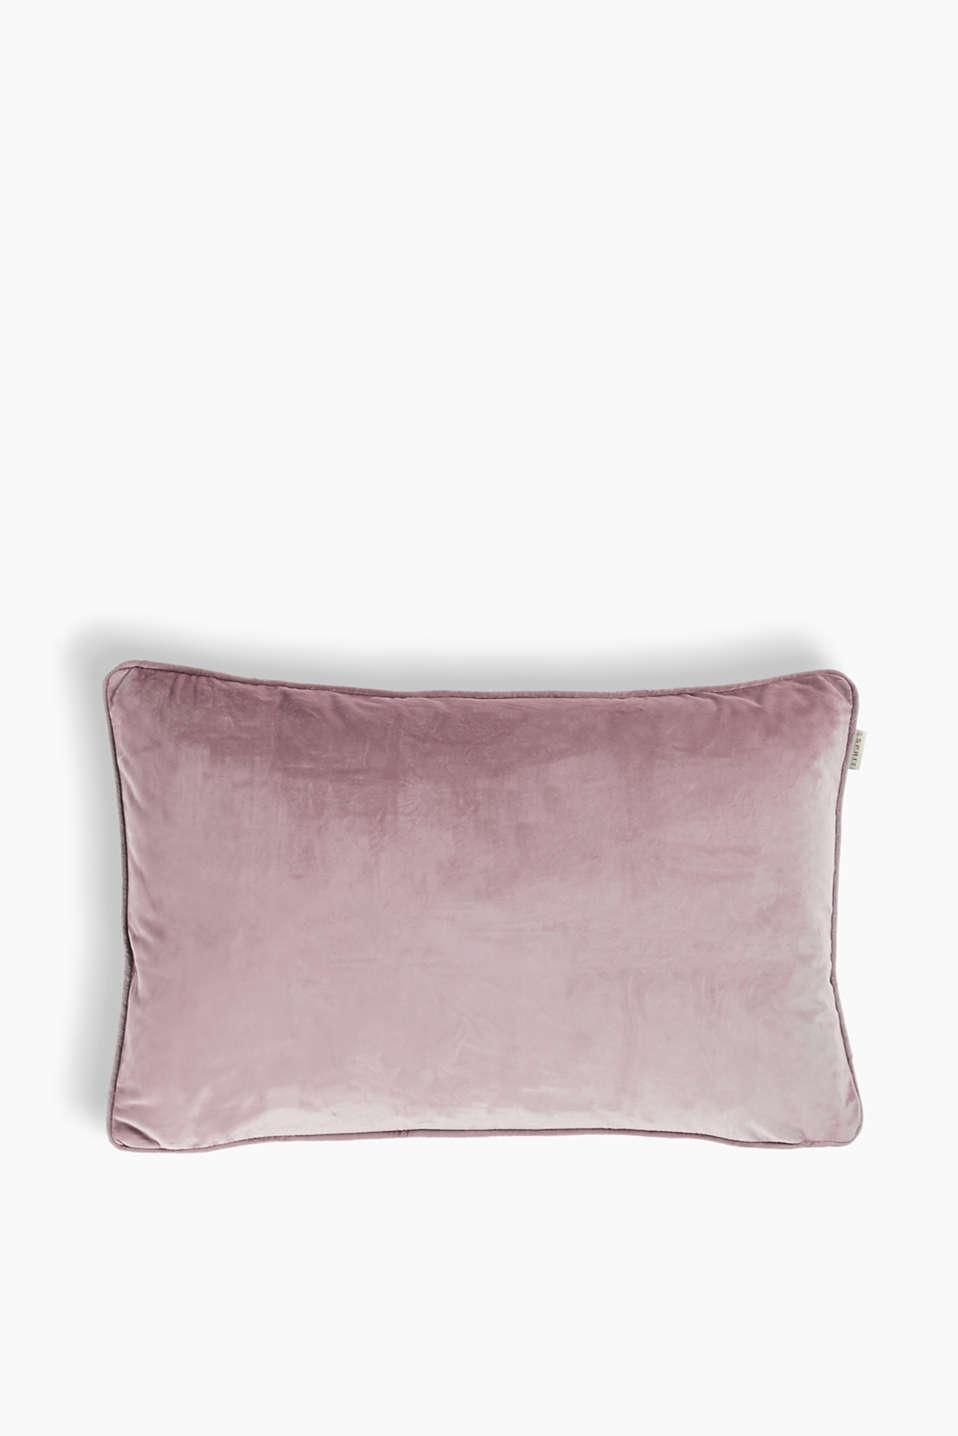 esprit housse de coussin cuddly velours l gant acheter sur la boutique en ligne. Black Bedroom Furniture Sets. Home Design Ideas